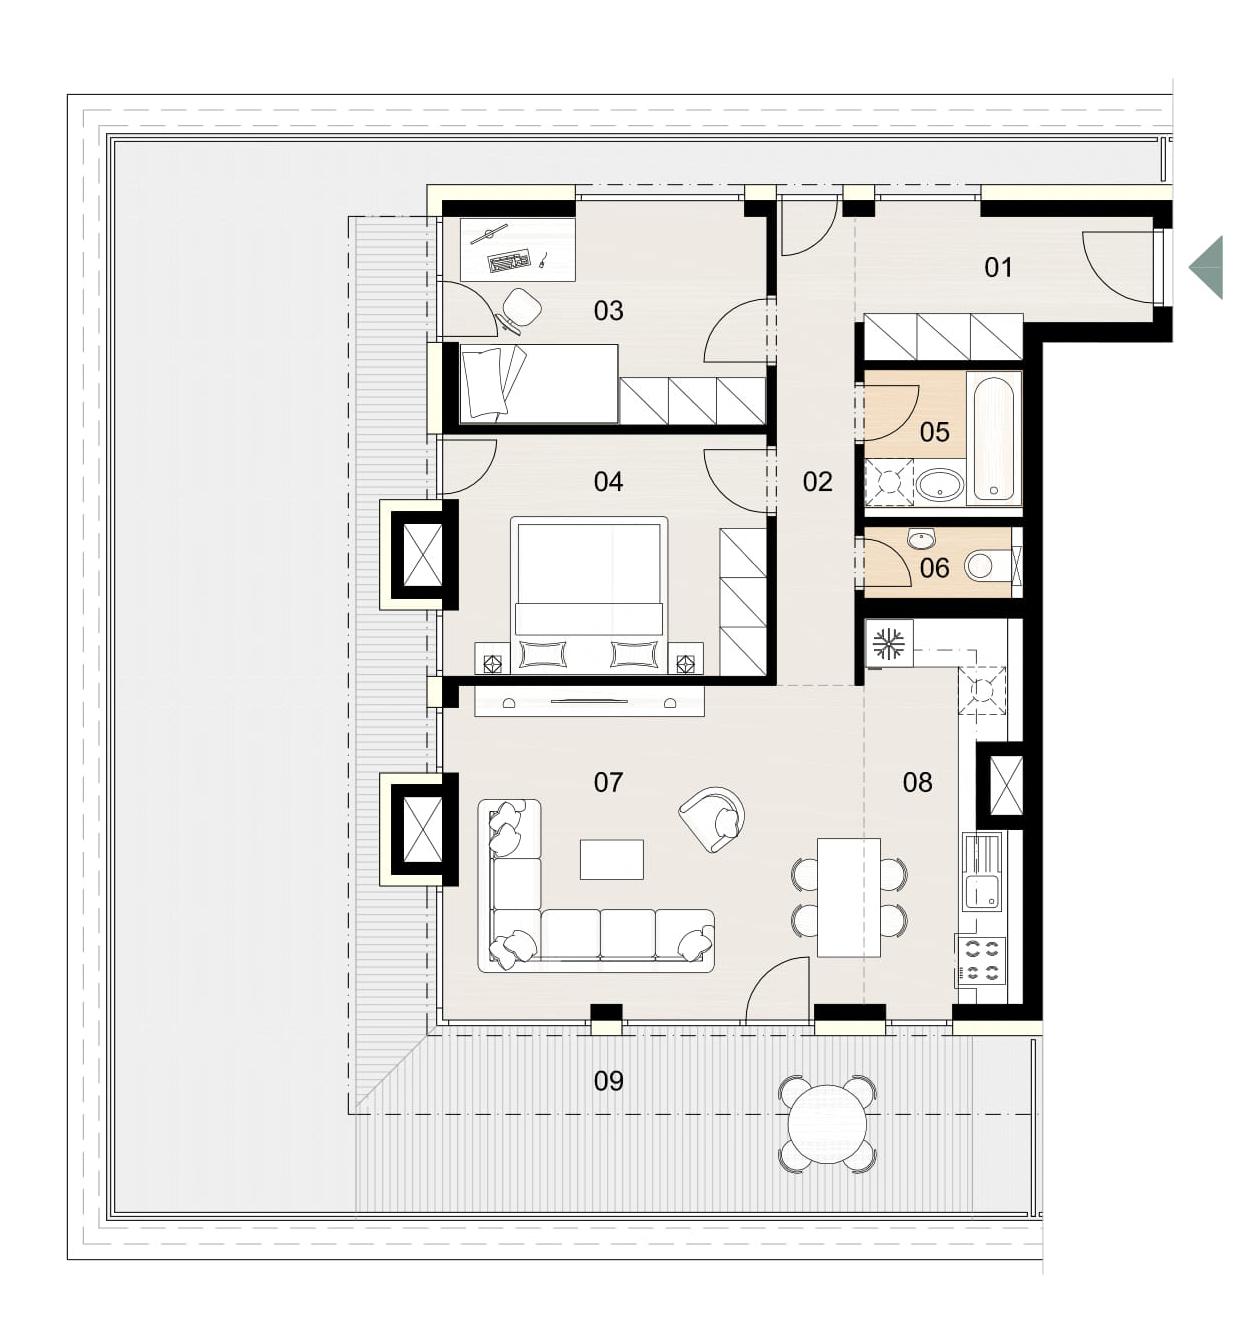 Rosenhaus byt 1105, 3-izbový. Novostavba Vrakuňa.